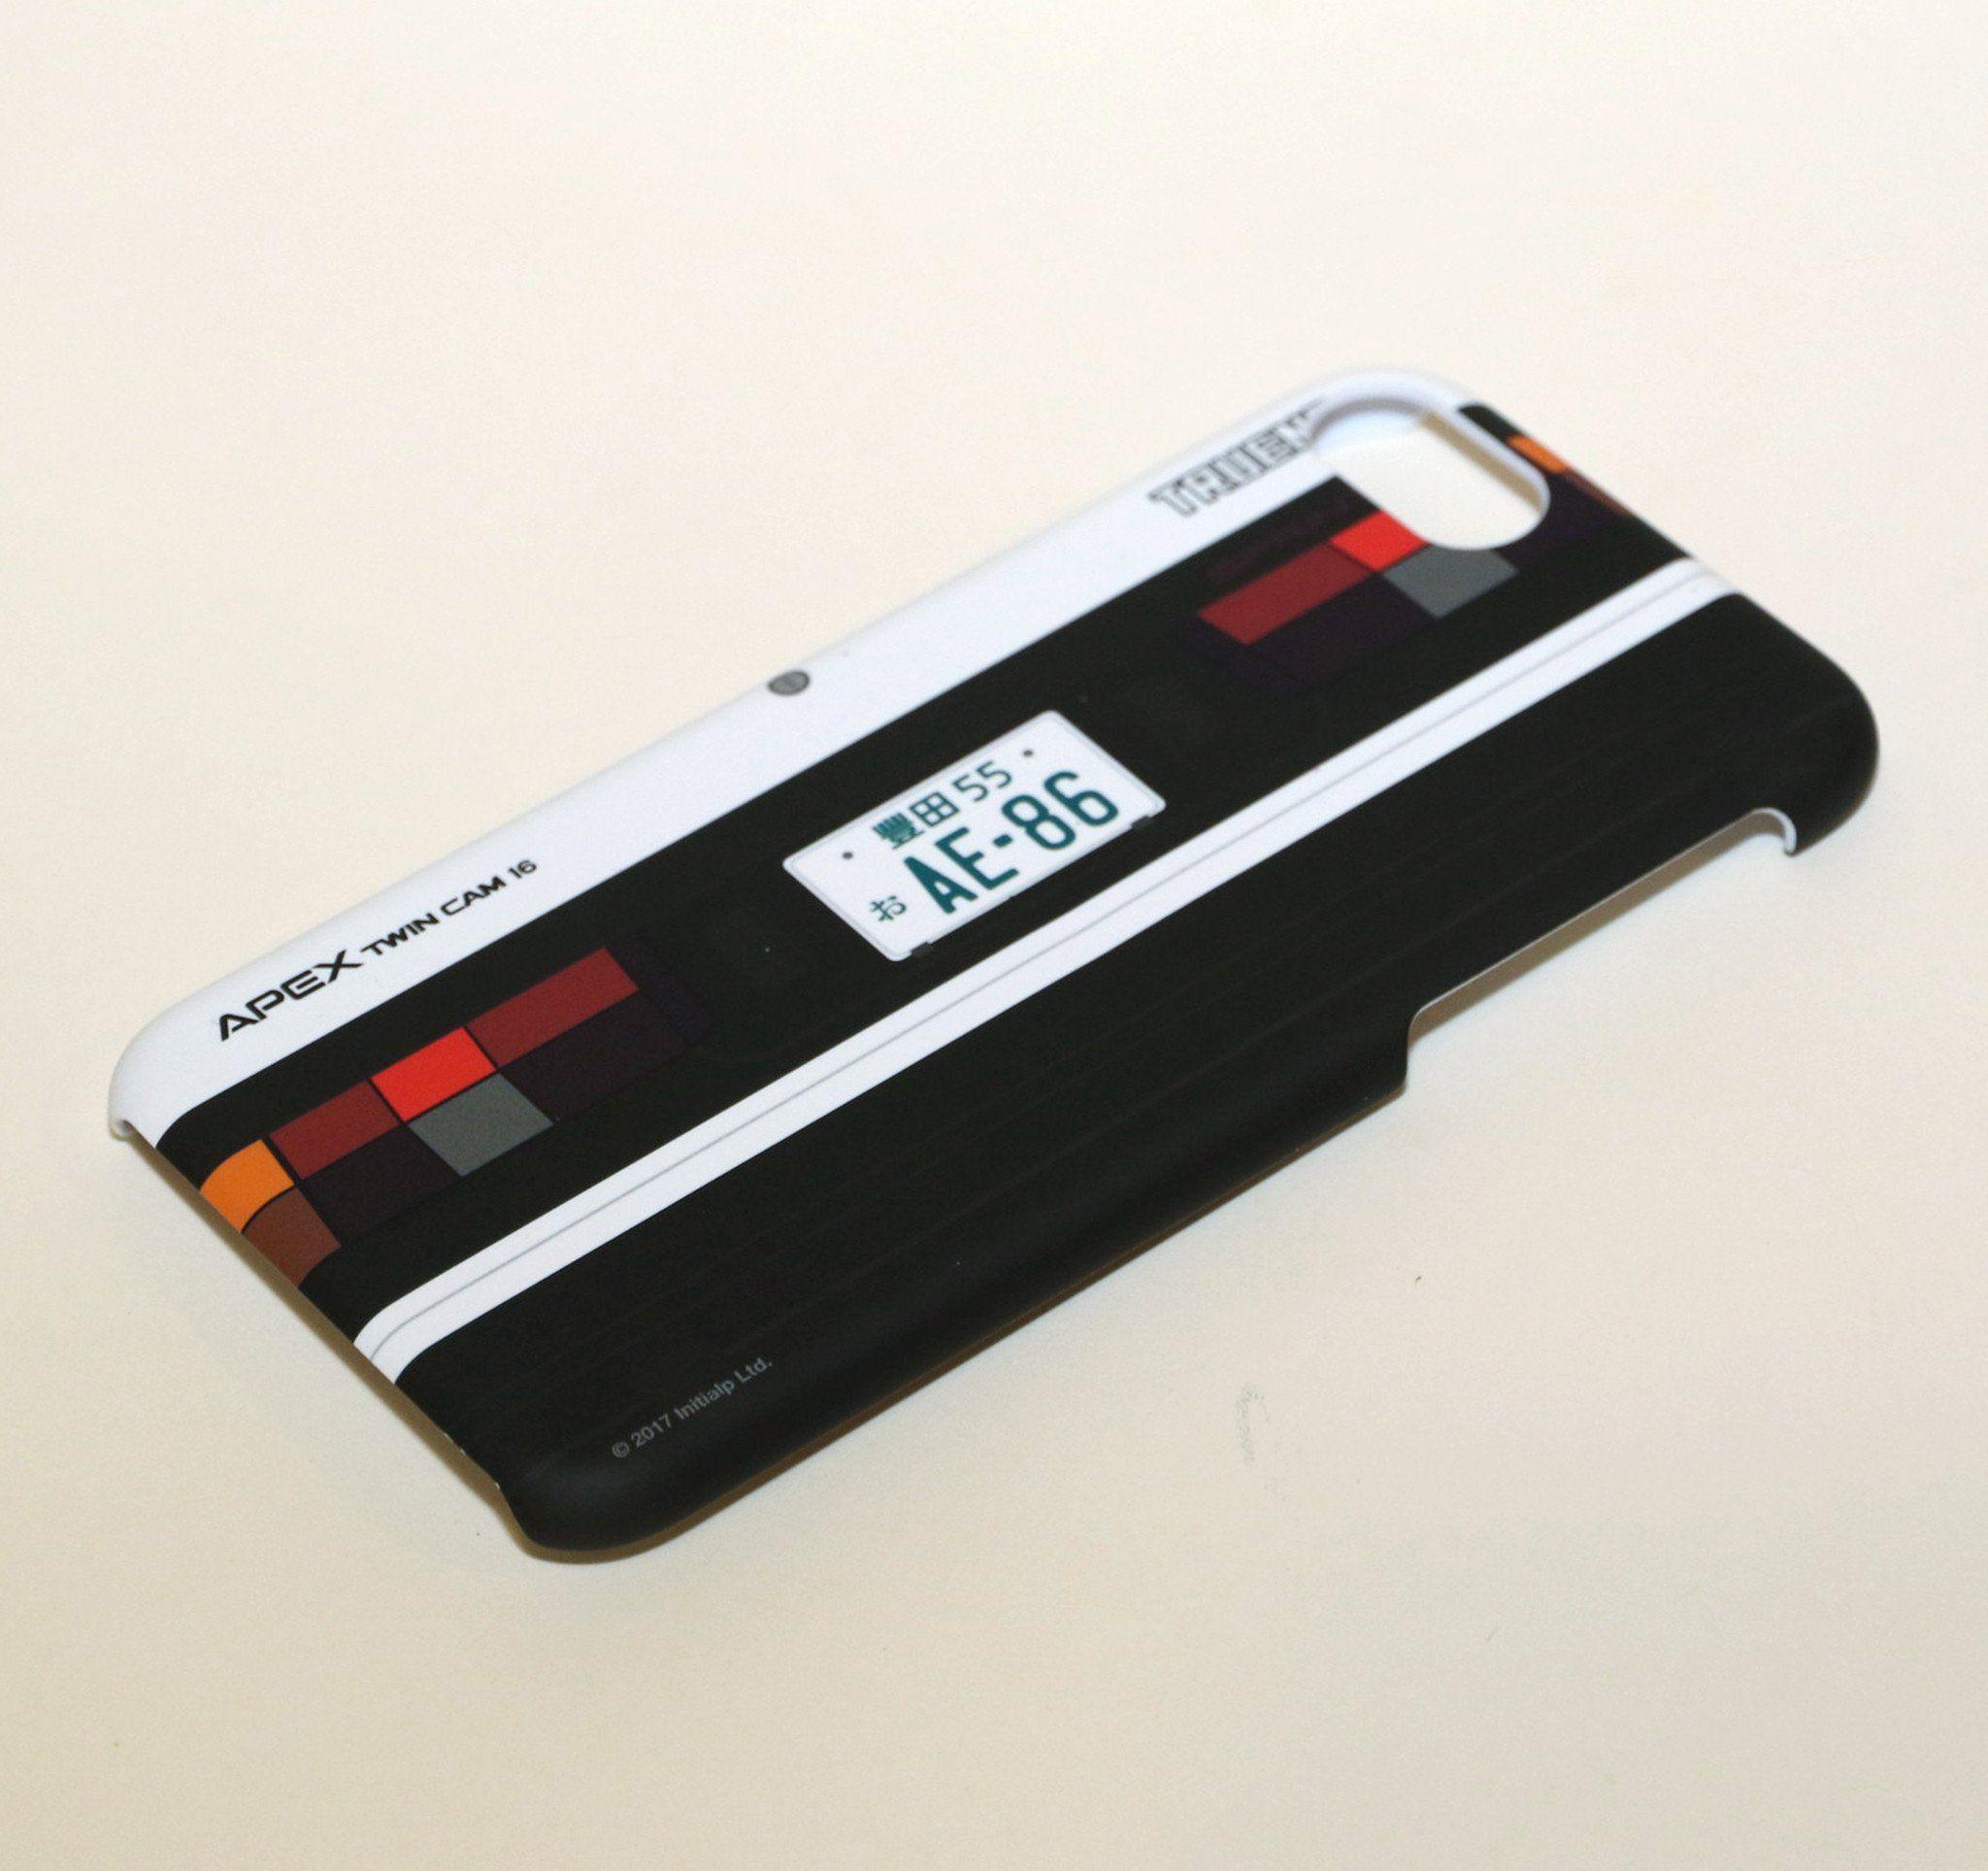 promo code d965e effa7 AE86 iPhone Case – INITIALP Shop | 3C周邊 | Phone cases, Iphone ...